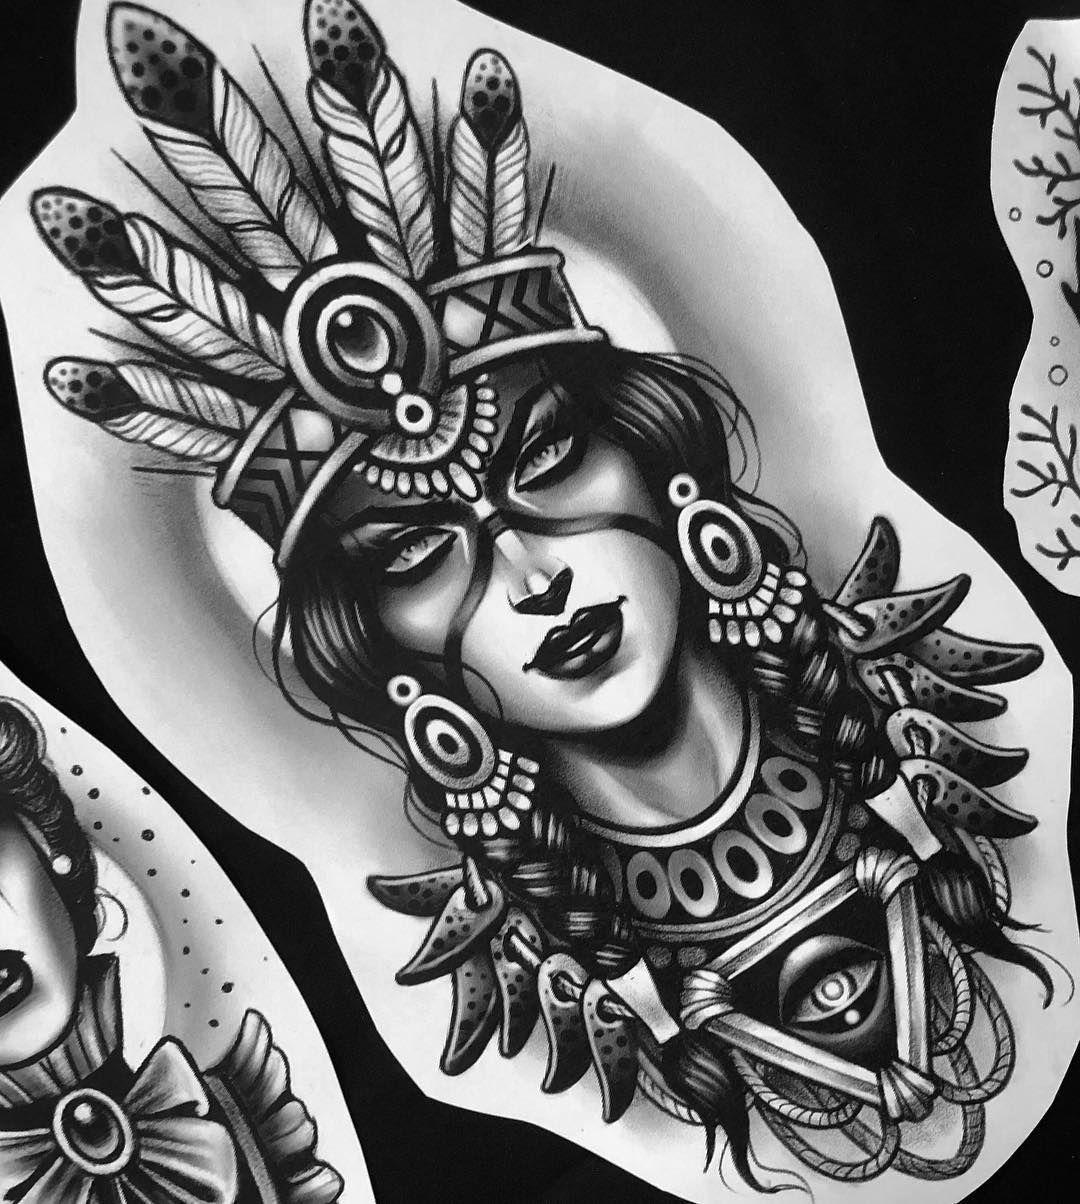 Na Dannom Izobrazhenii Mozhet Nahoditsya 1 Chelovek In 2020 Native Tattoos Indian Girl Tattoos Body Art Tattoos